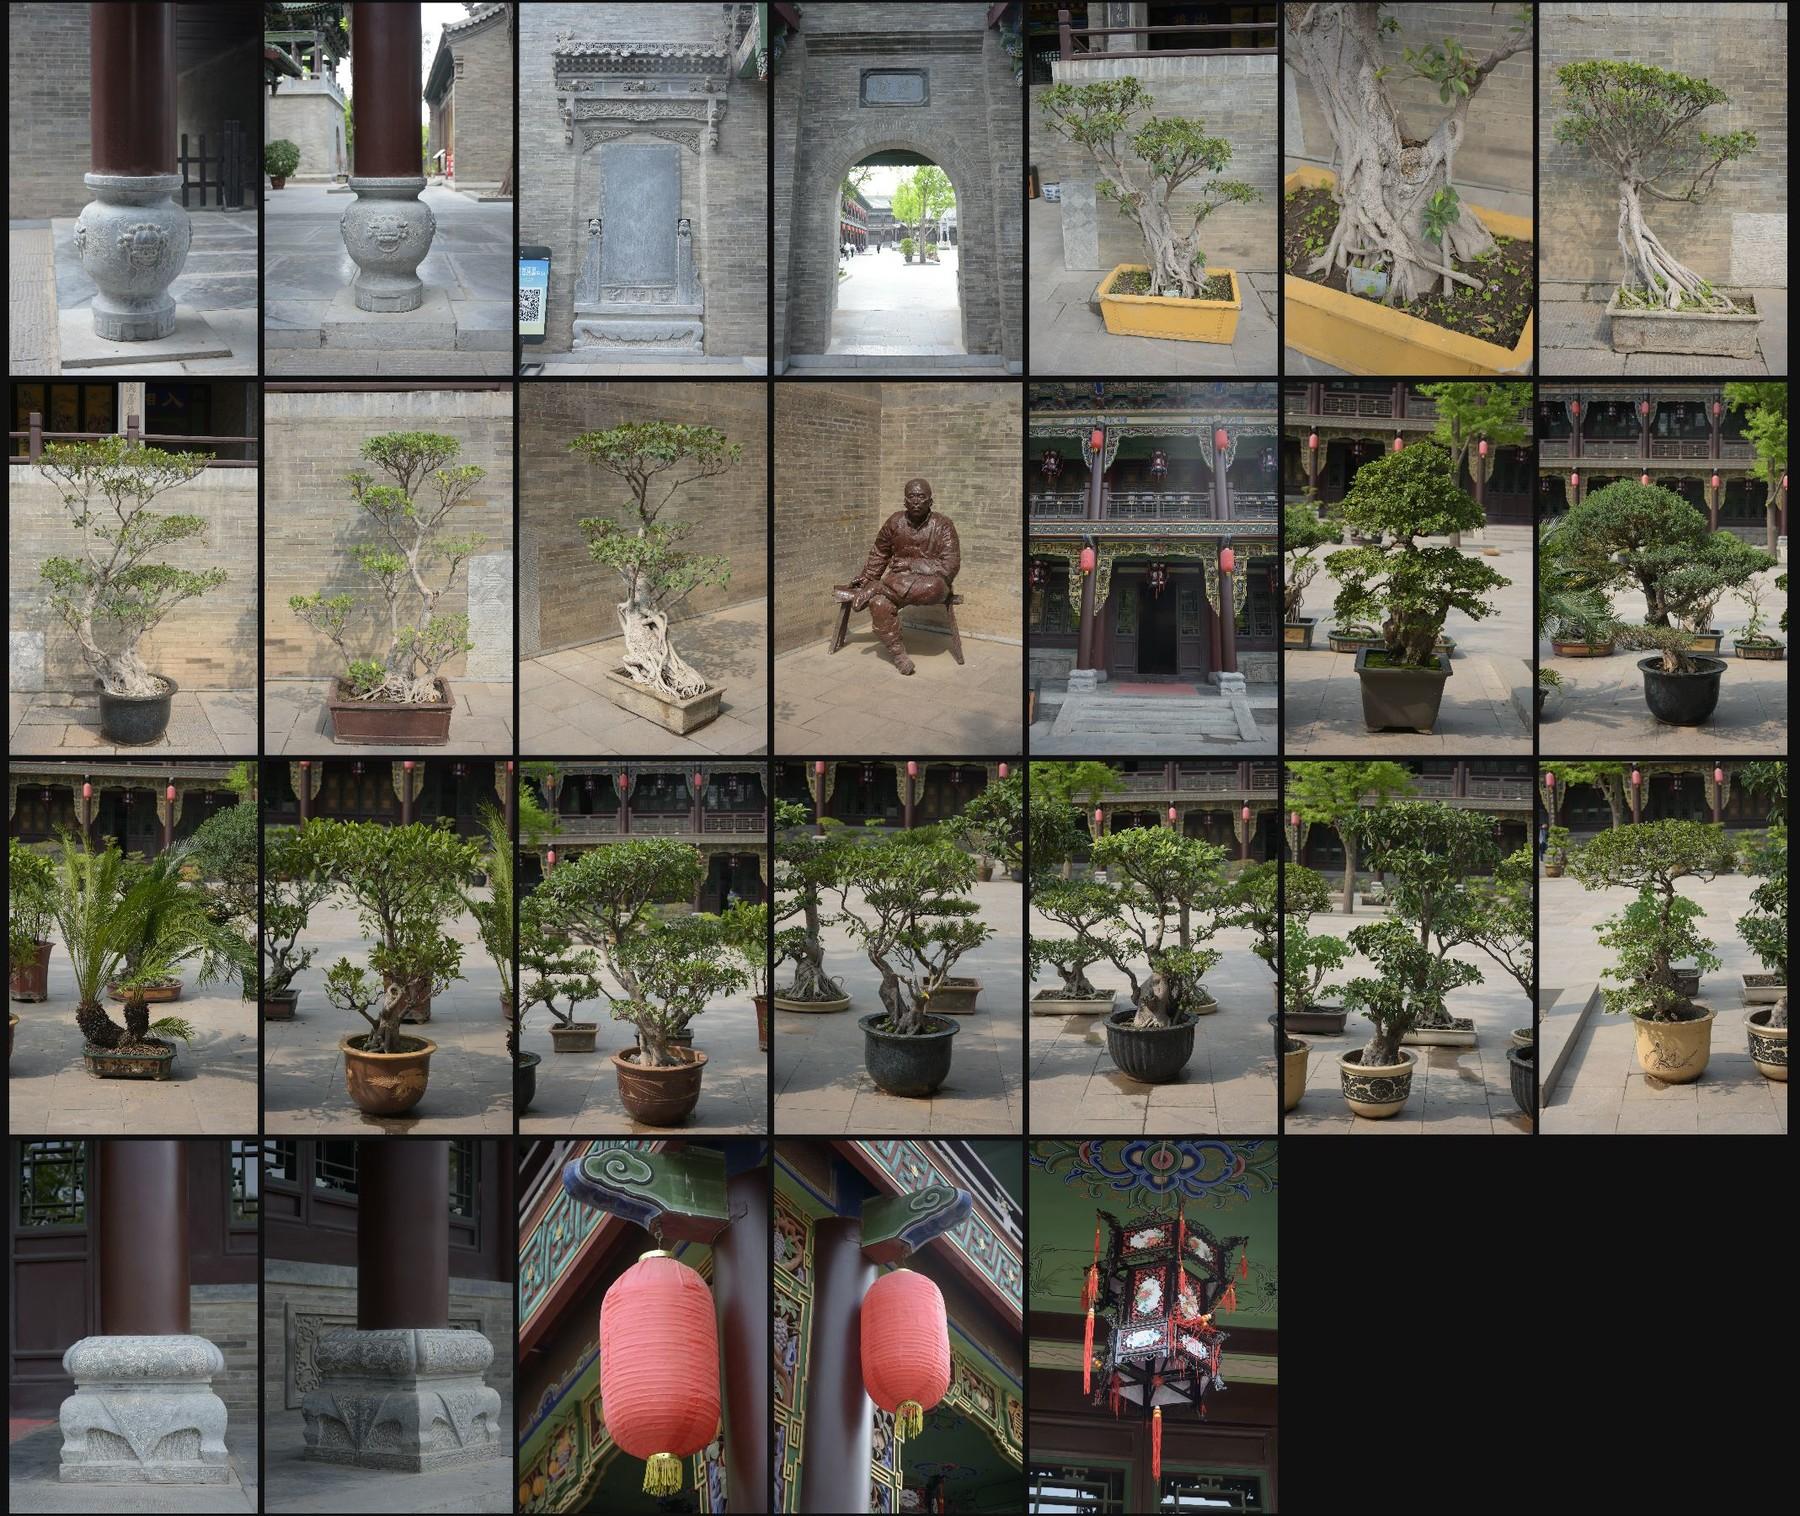 Photo reference pack taiyuan jinshang museum 08